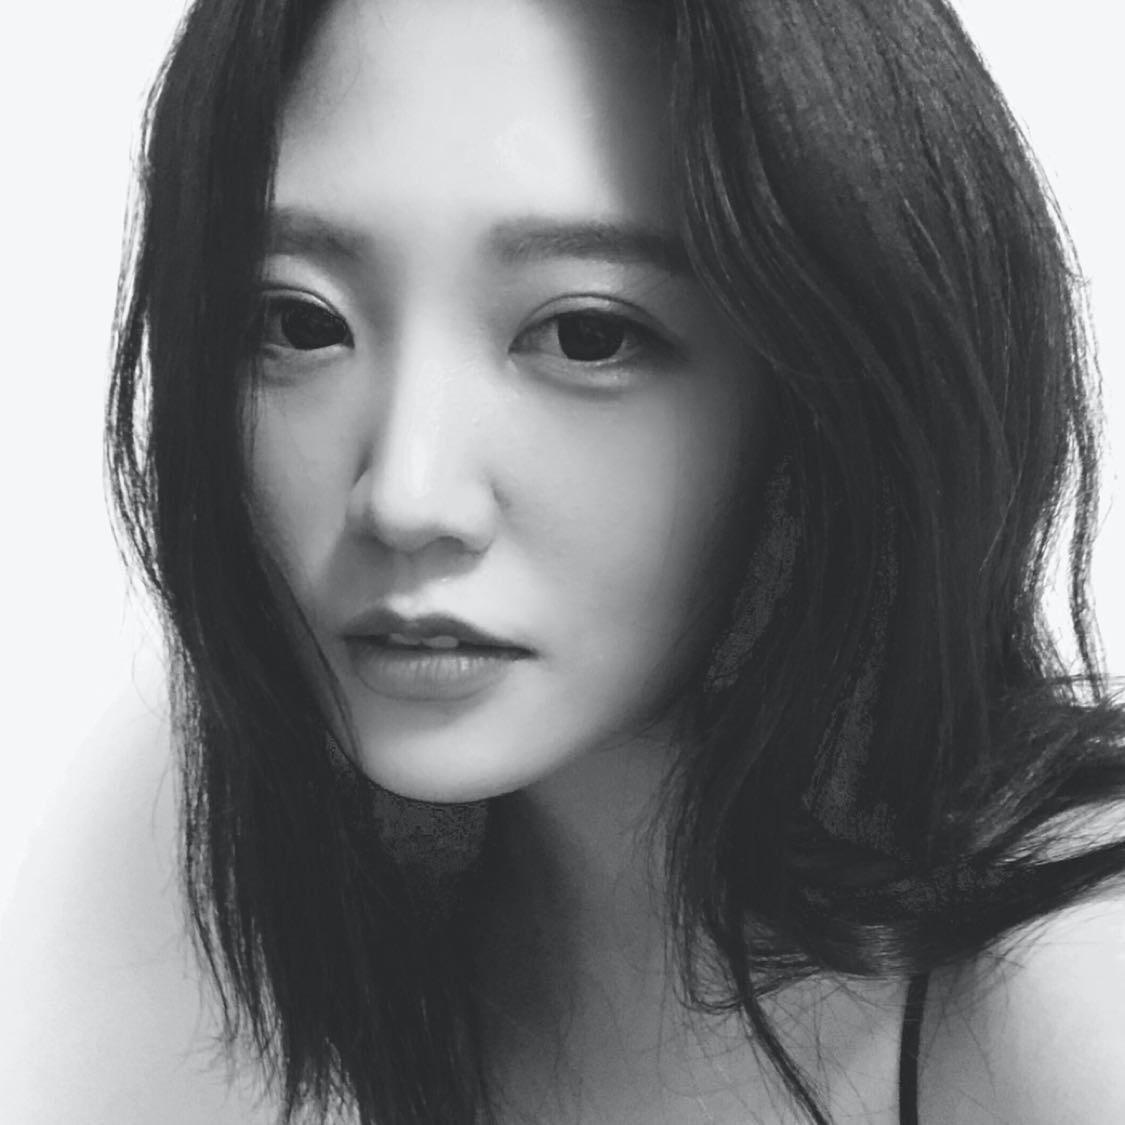 Go to bobi wang's profile